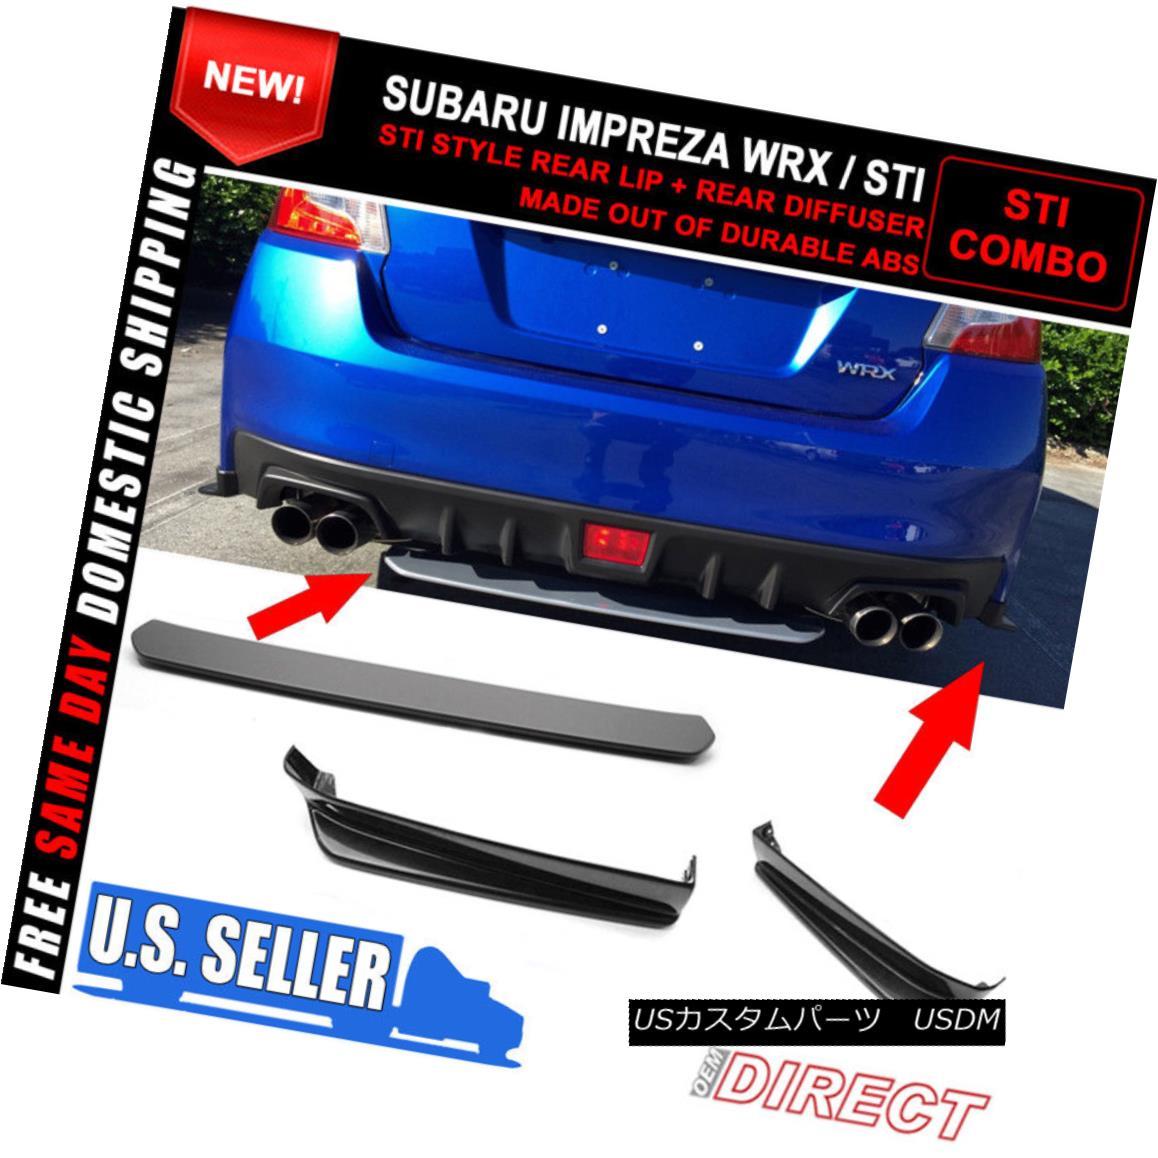 エアロパーツ Fits 15-18 Subaru WRX STI V Limited Rear Lip 2 PC + Rear Diffuser ABS フィット15-18スバルWRX STI Vリミテッドリアーリップ2 PC +リアディフューザーABS